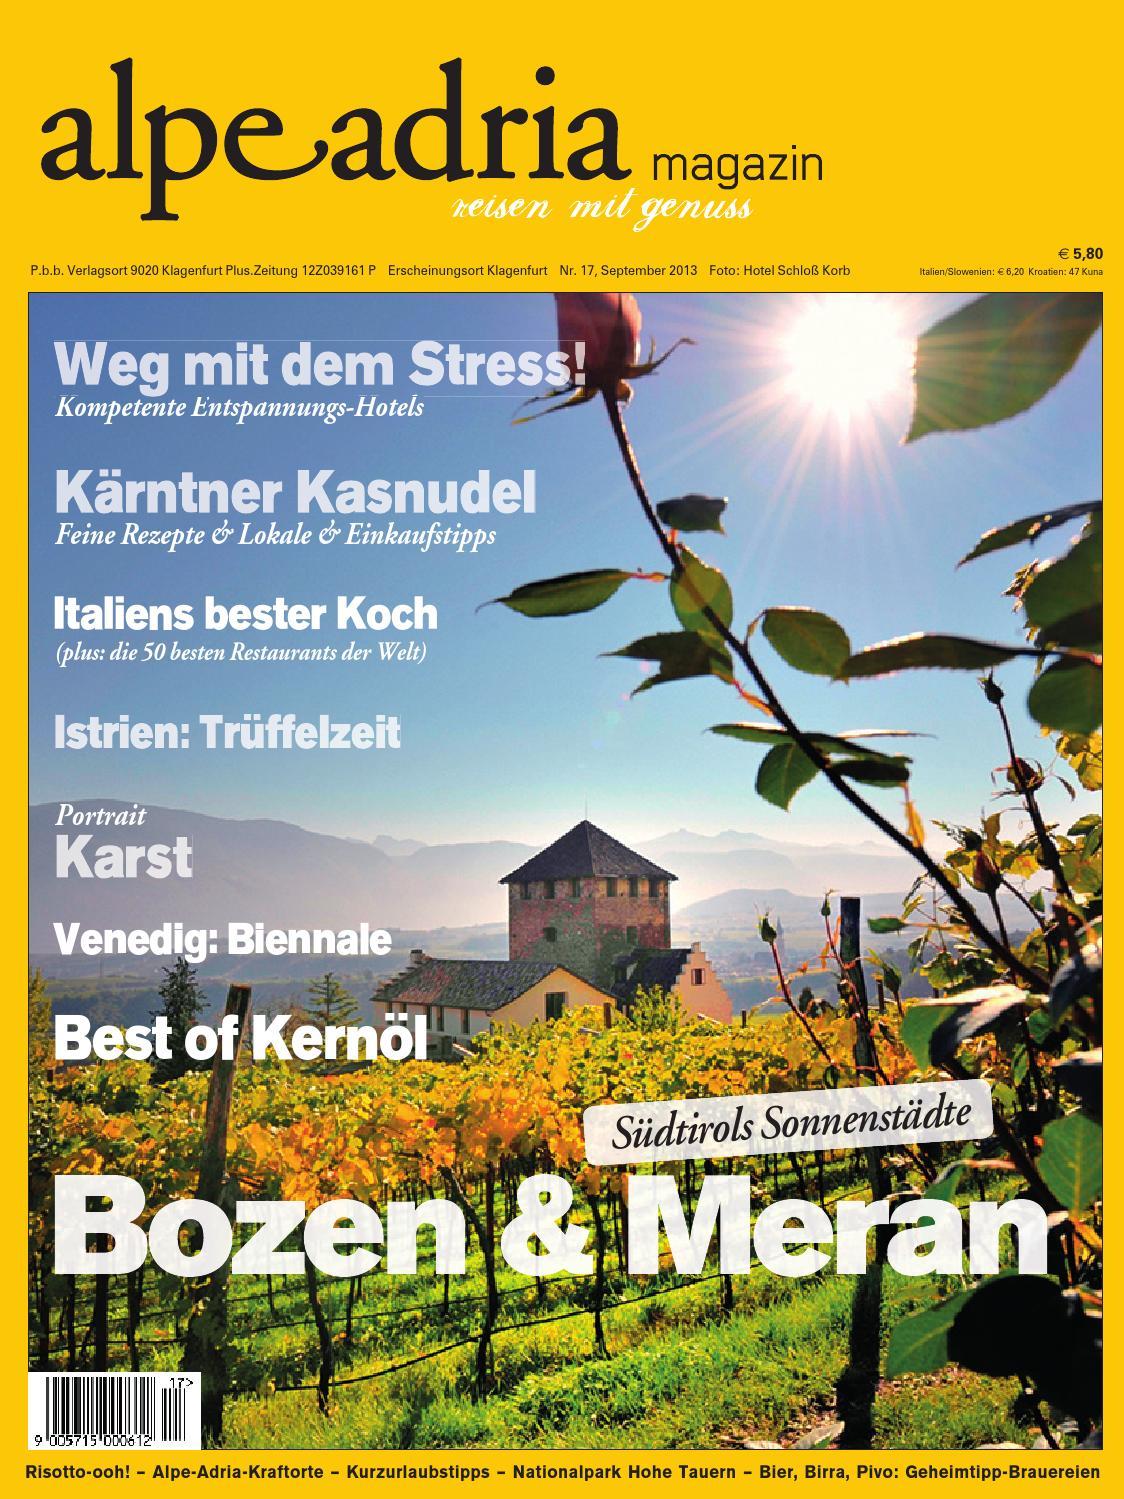 Alpe Adria Magazin Nr  17 09/2013 by Bundesländerinnen - issuu